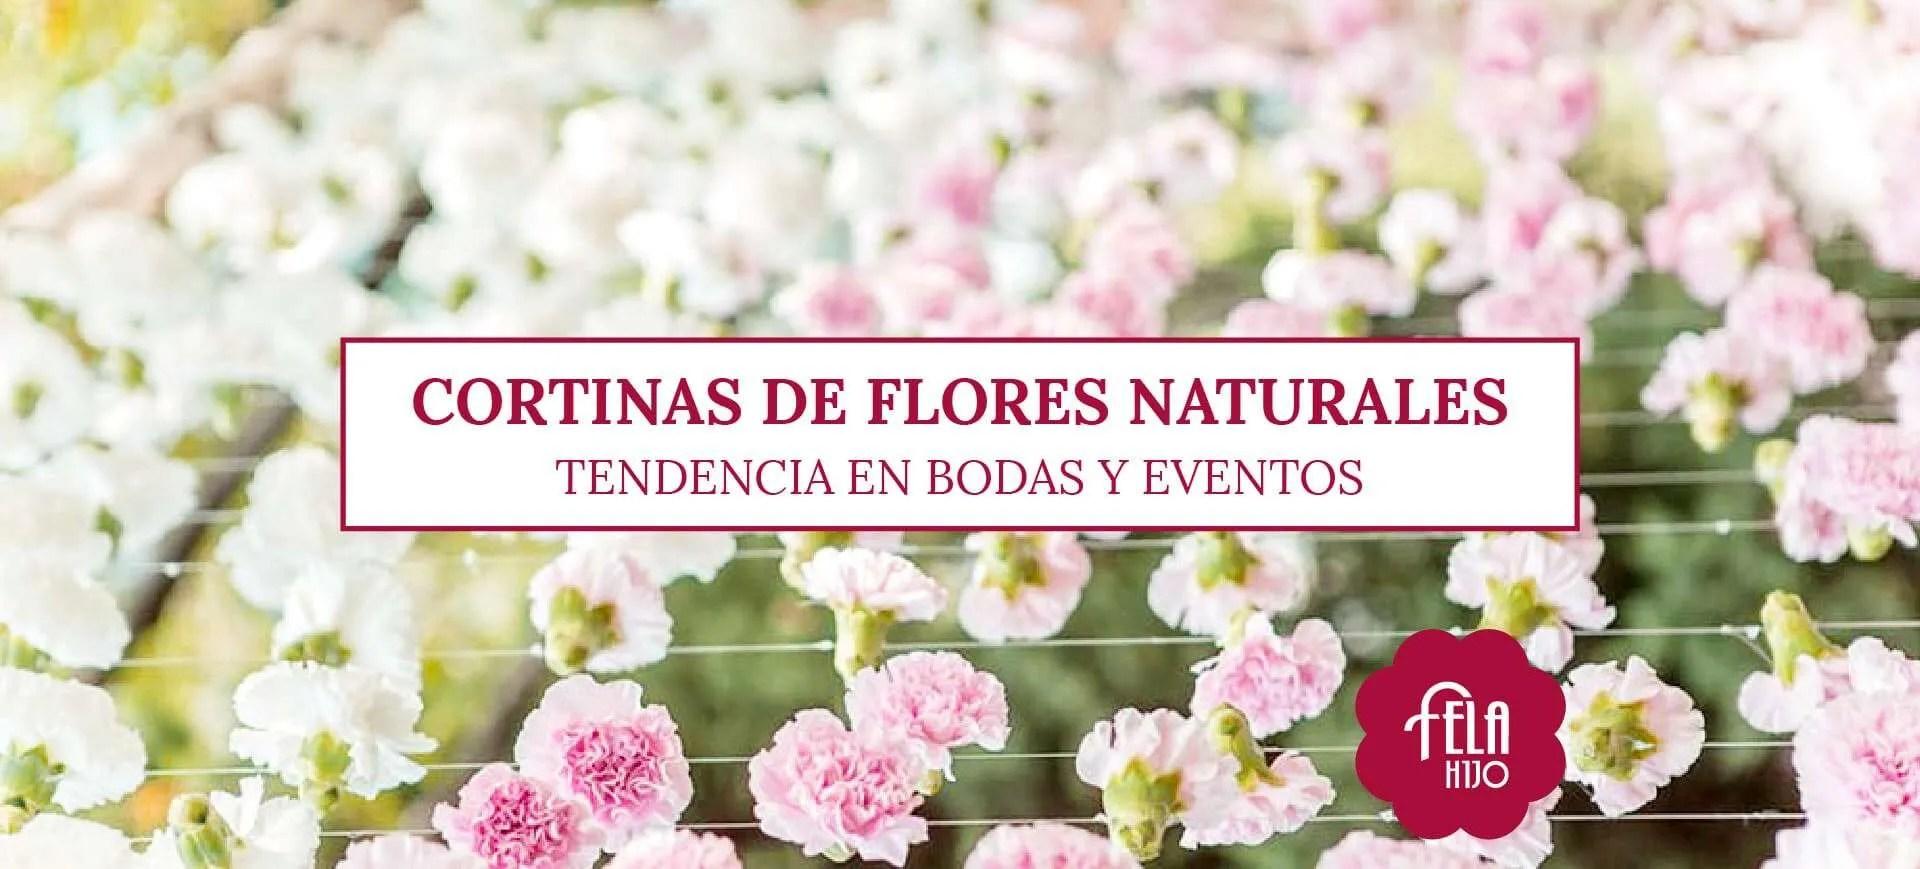 Cortinas de flores naturales para bodas y eventos  Flores